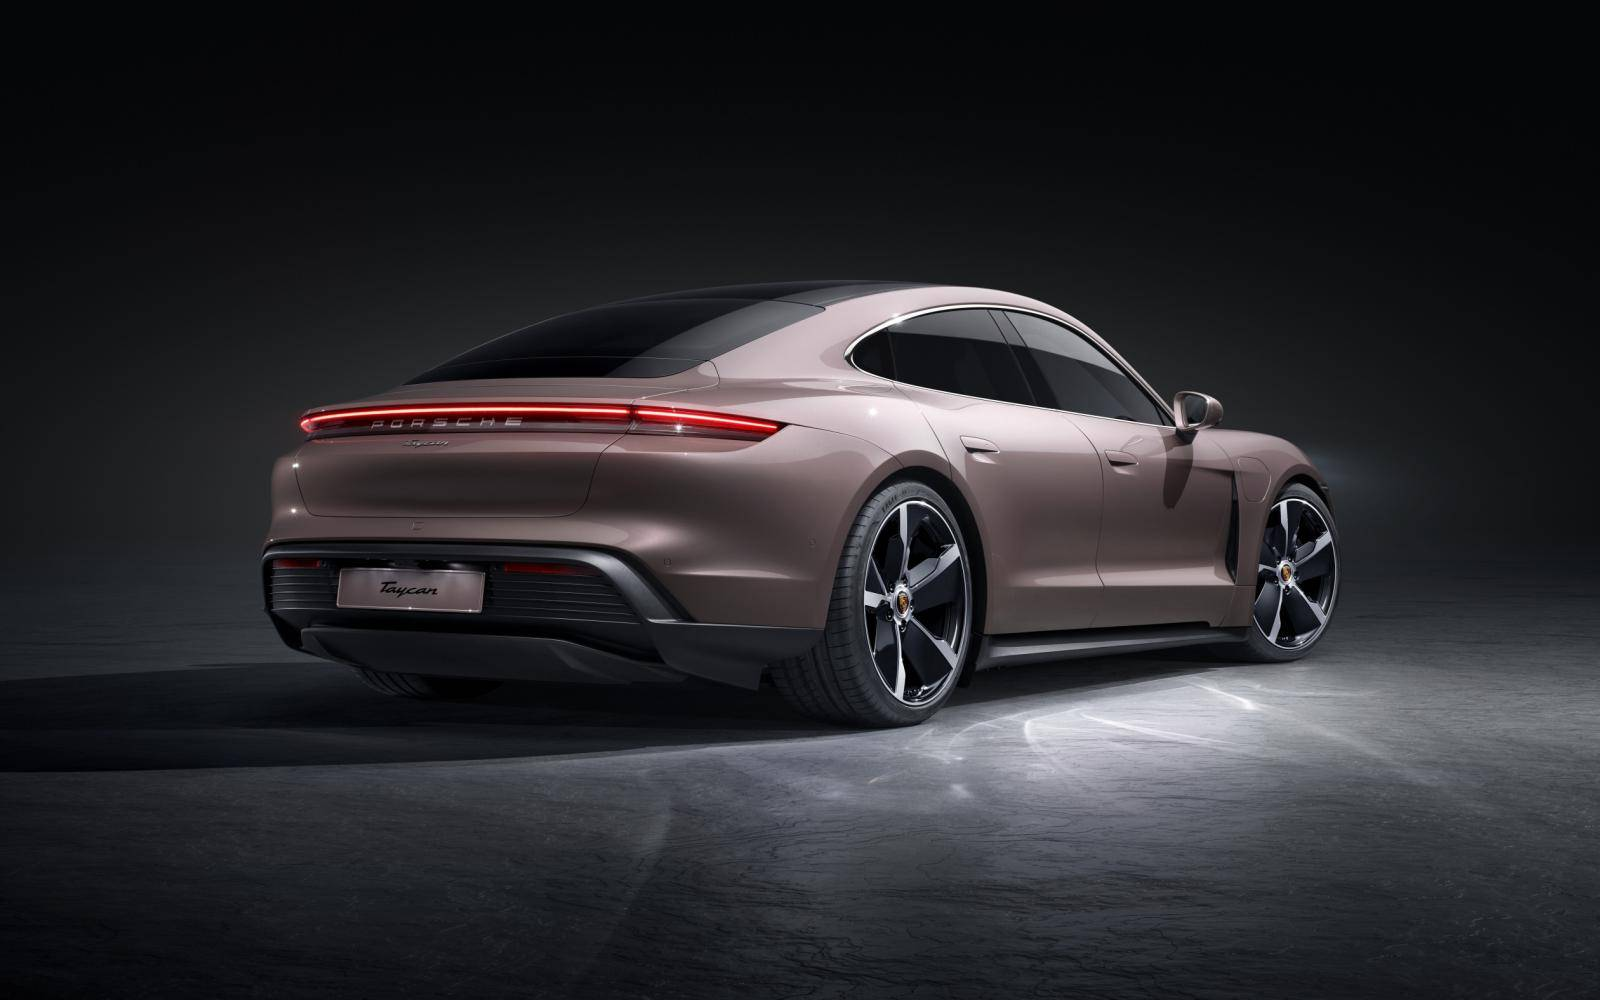 Elektrische Porsche Taycan nu eindelijk onder de 100.000 euro